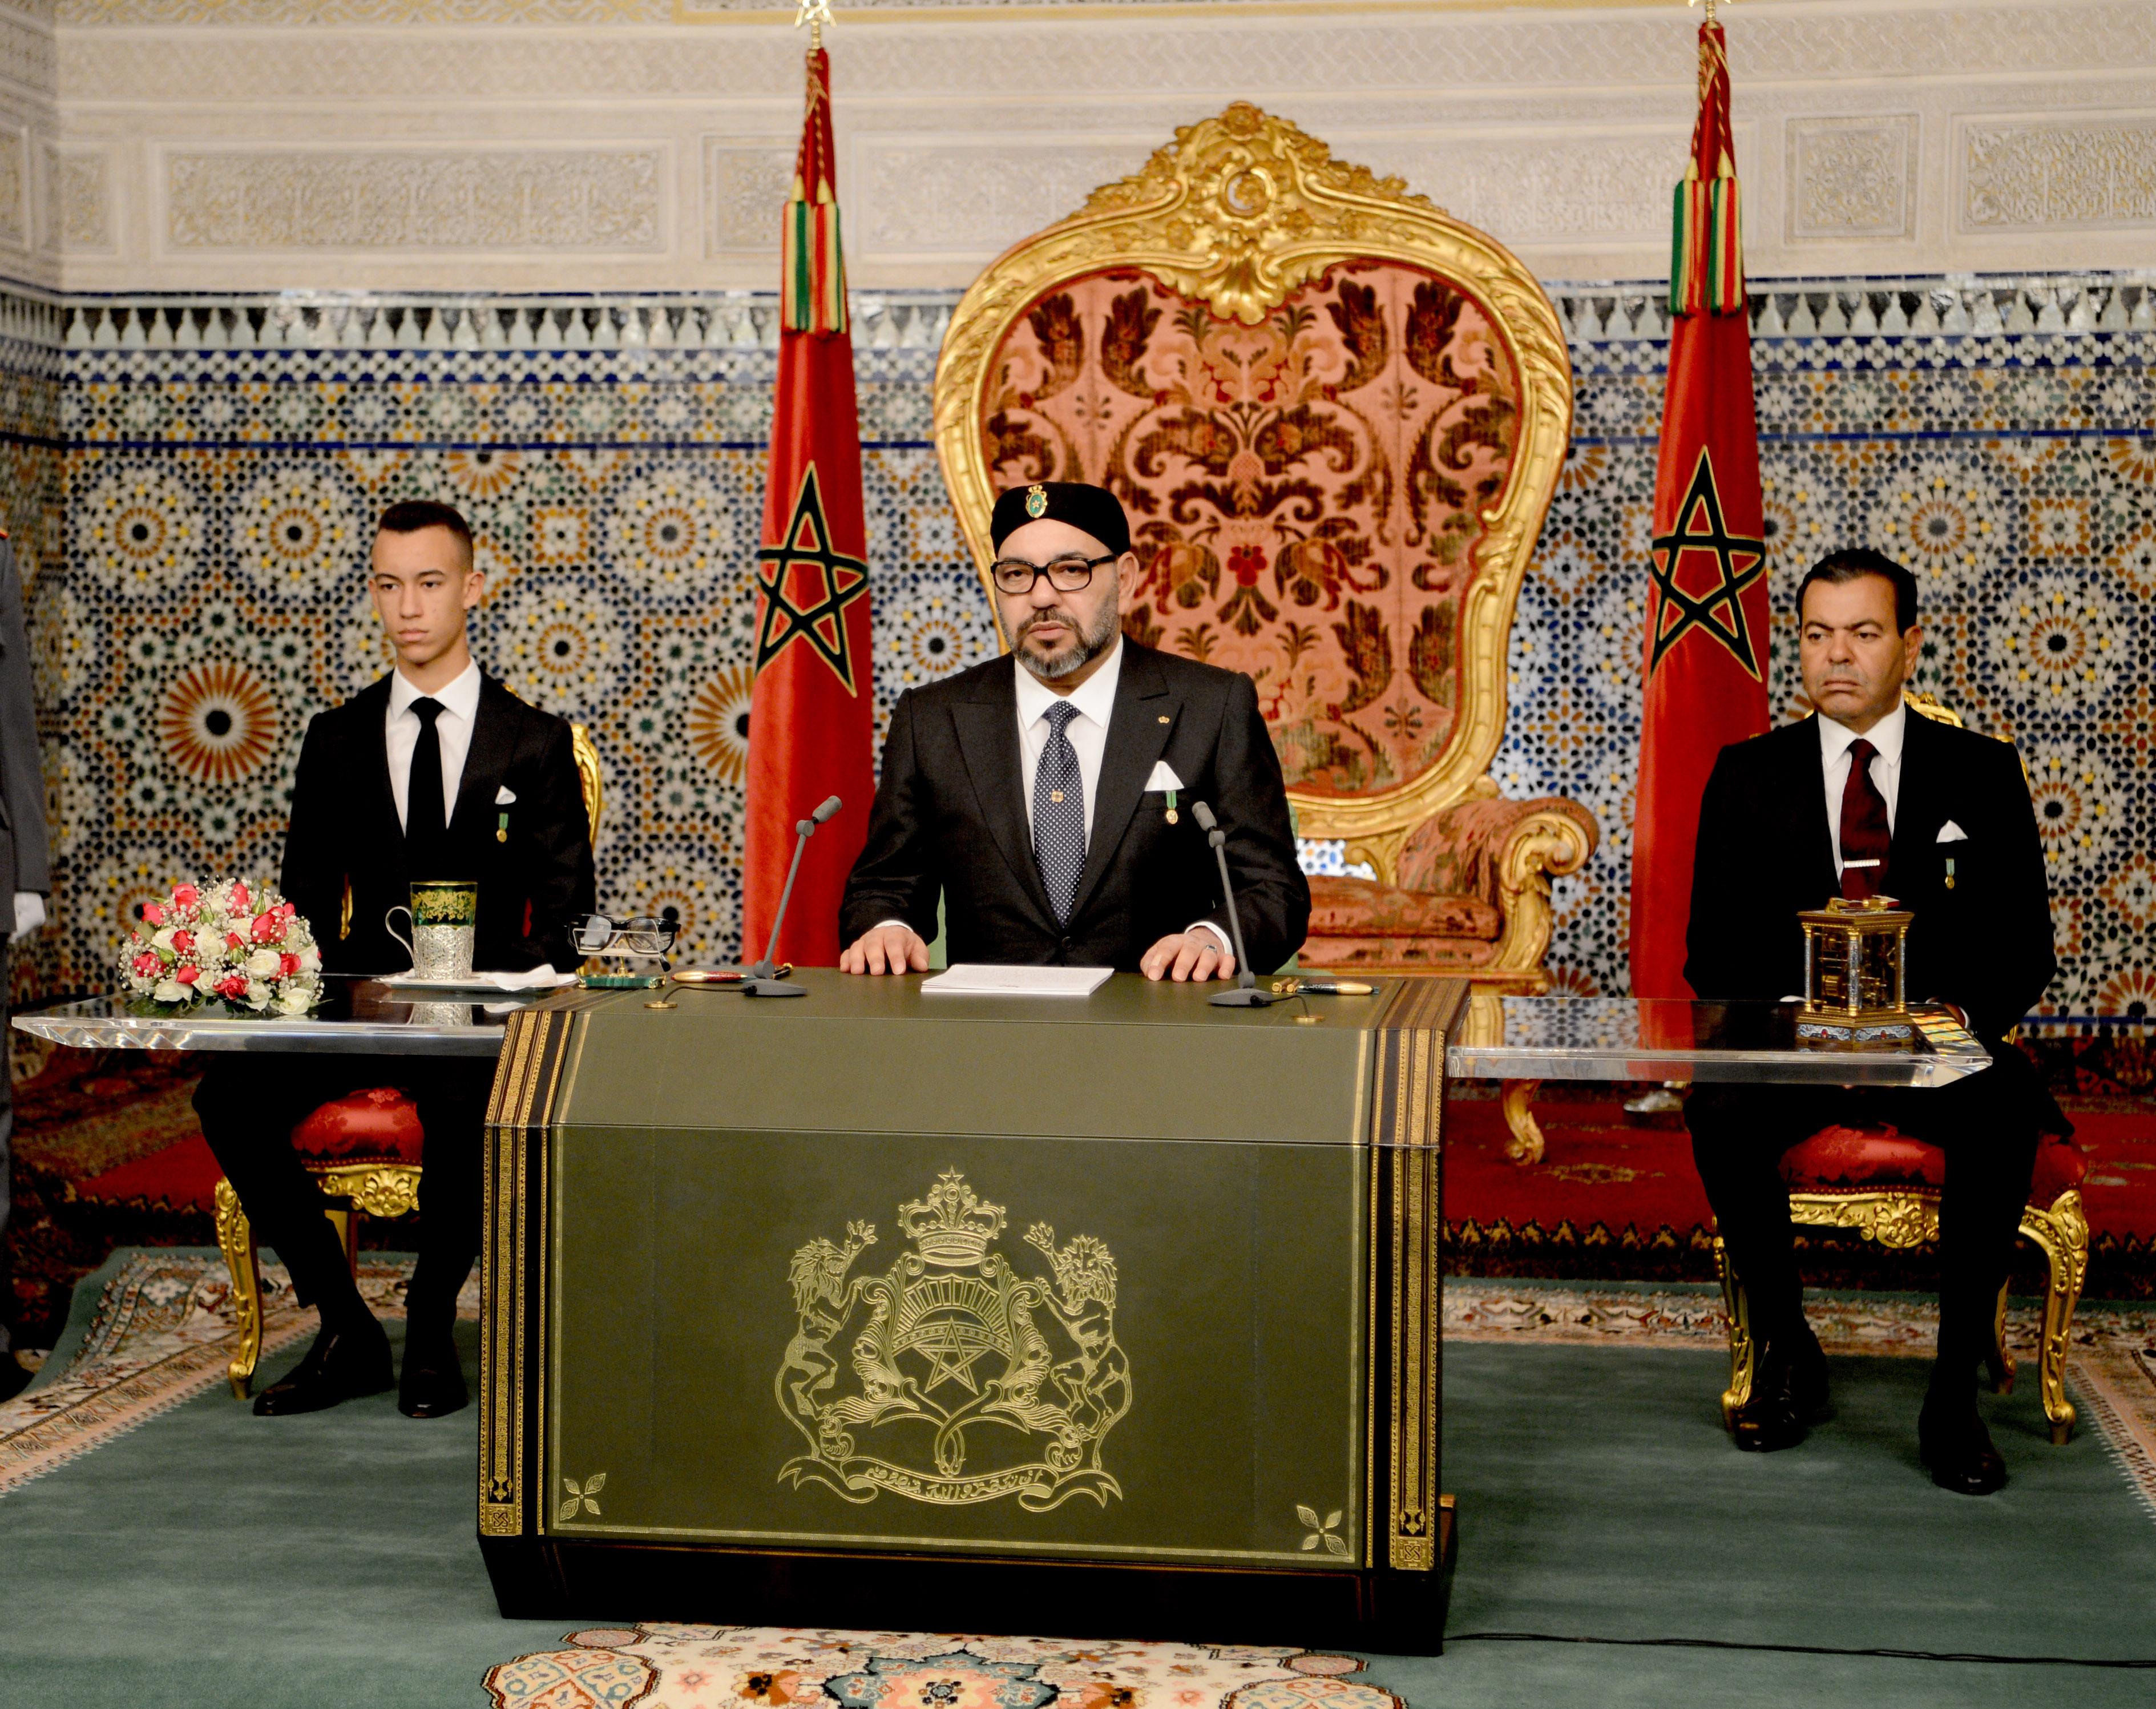 الامارات و سلطنة عمان والجامعة العربية يرحبون باعلان محمد السادس استعداد المغرب لحوار مباشر مع الجزائر